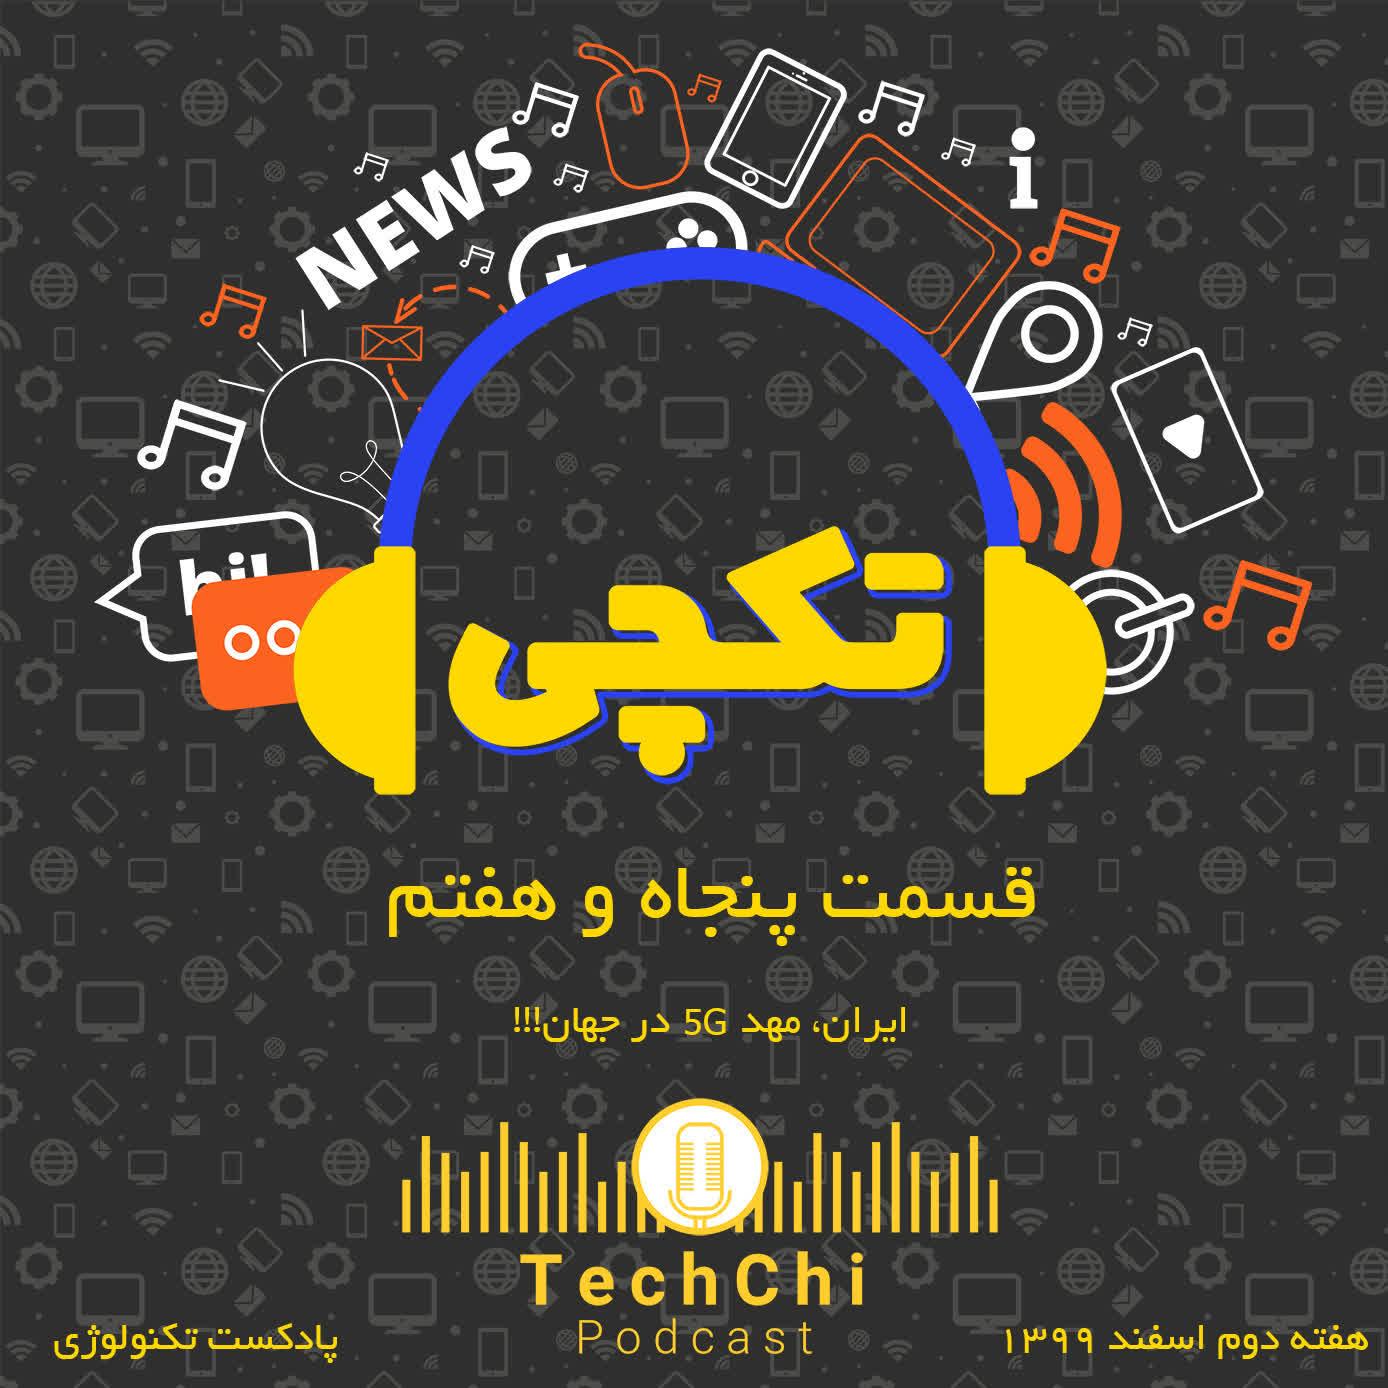 تکچی 57 - ایران، مهد 5جی در جهان!!!